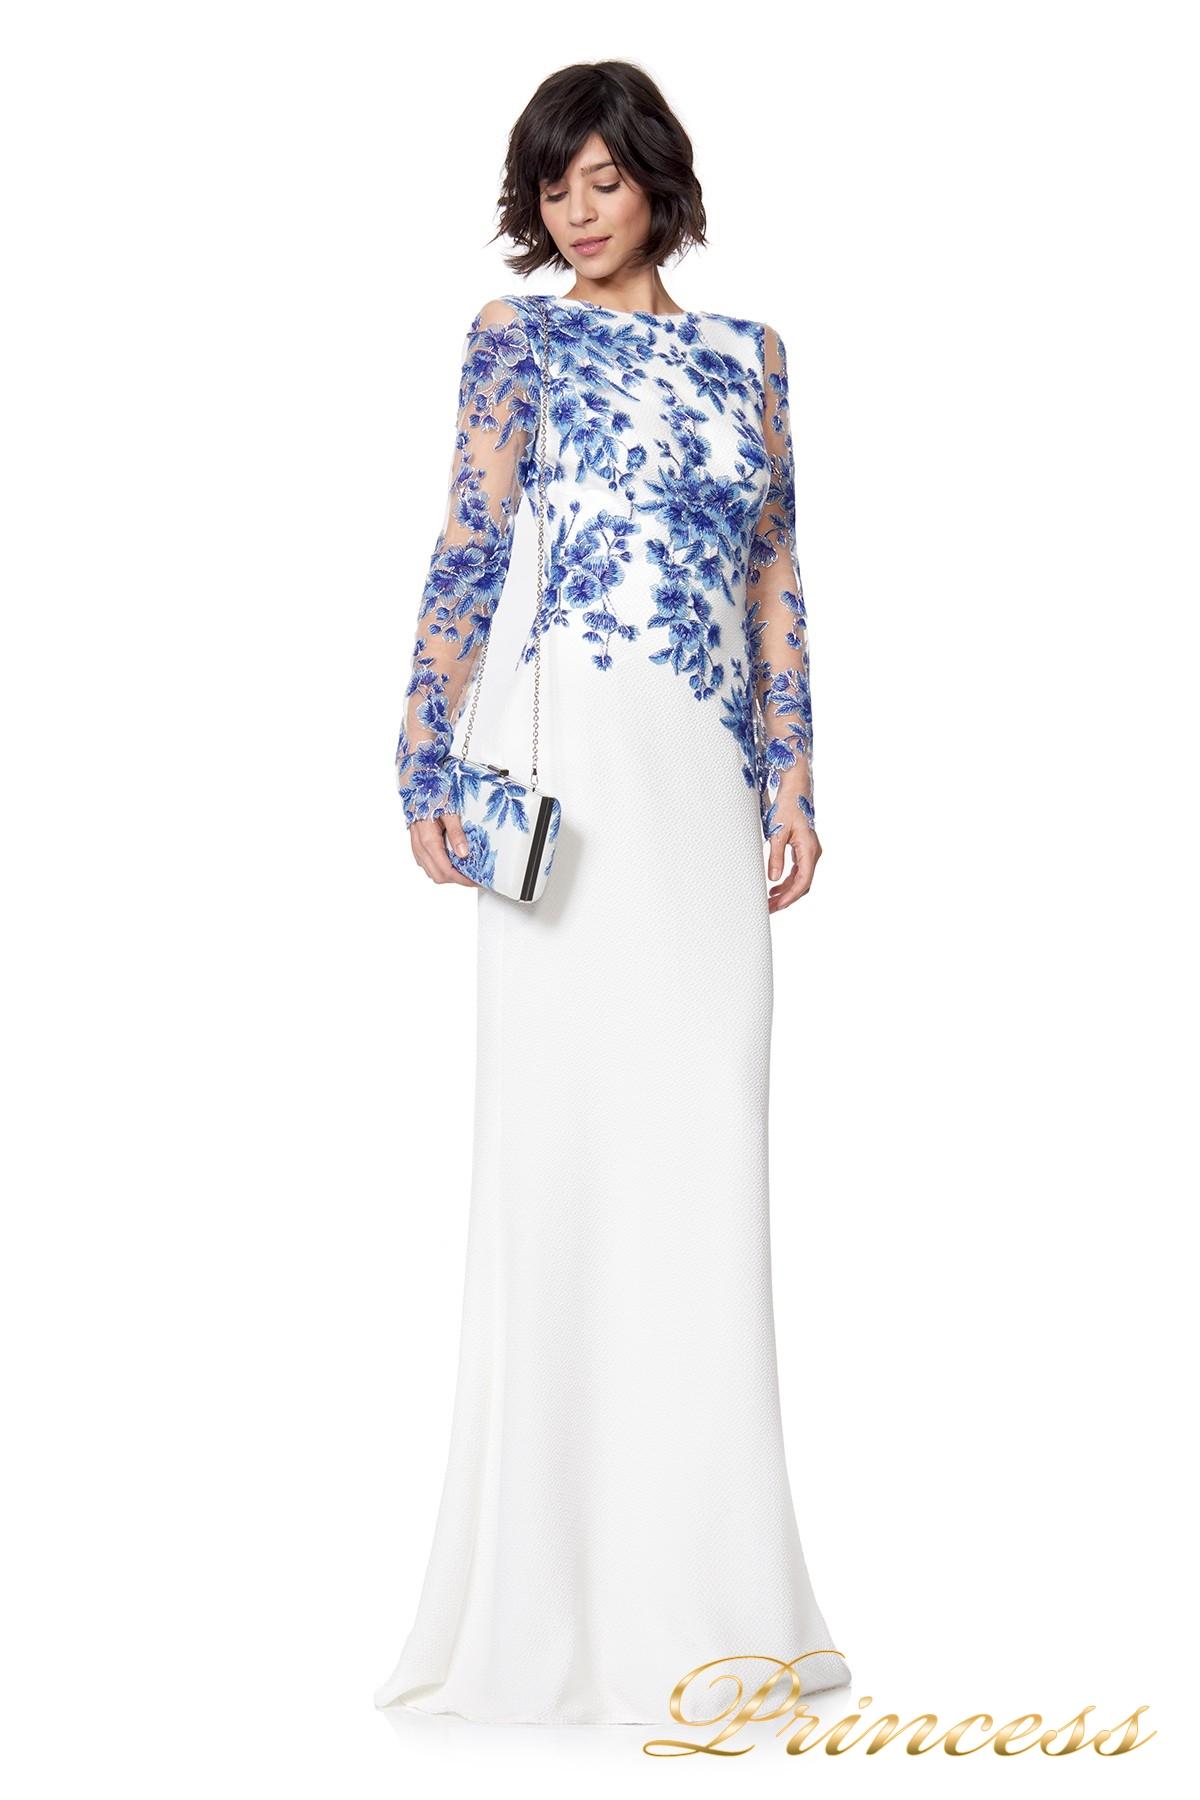 3e94c02c7b9 Купить вечернее платье ath16206lxy white цветочного цвета по цене ...